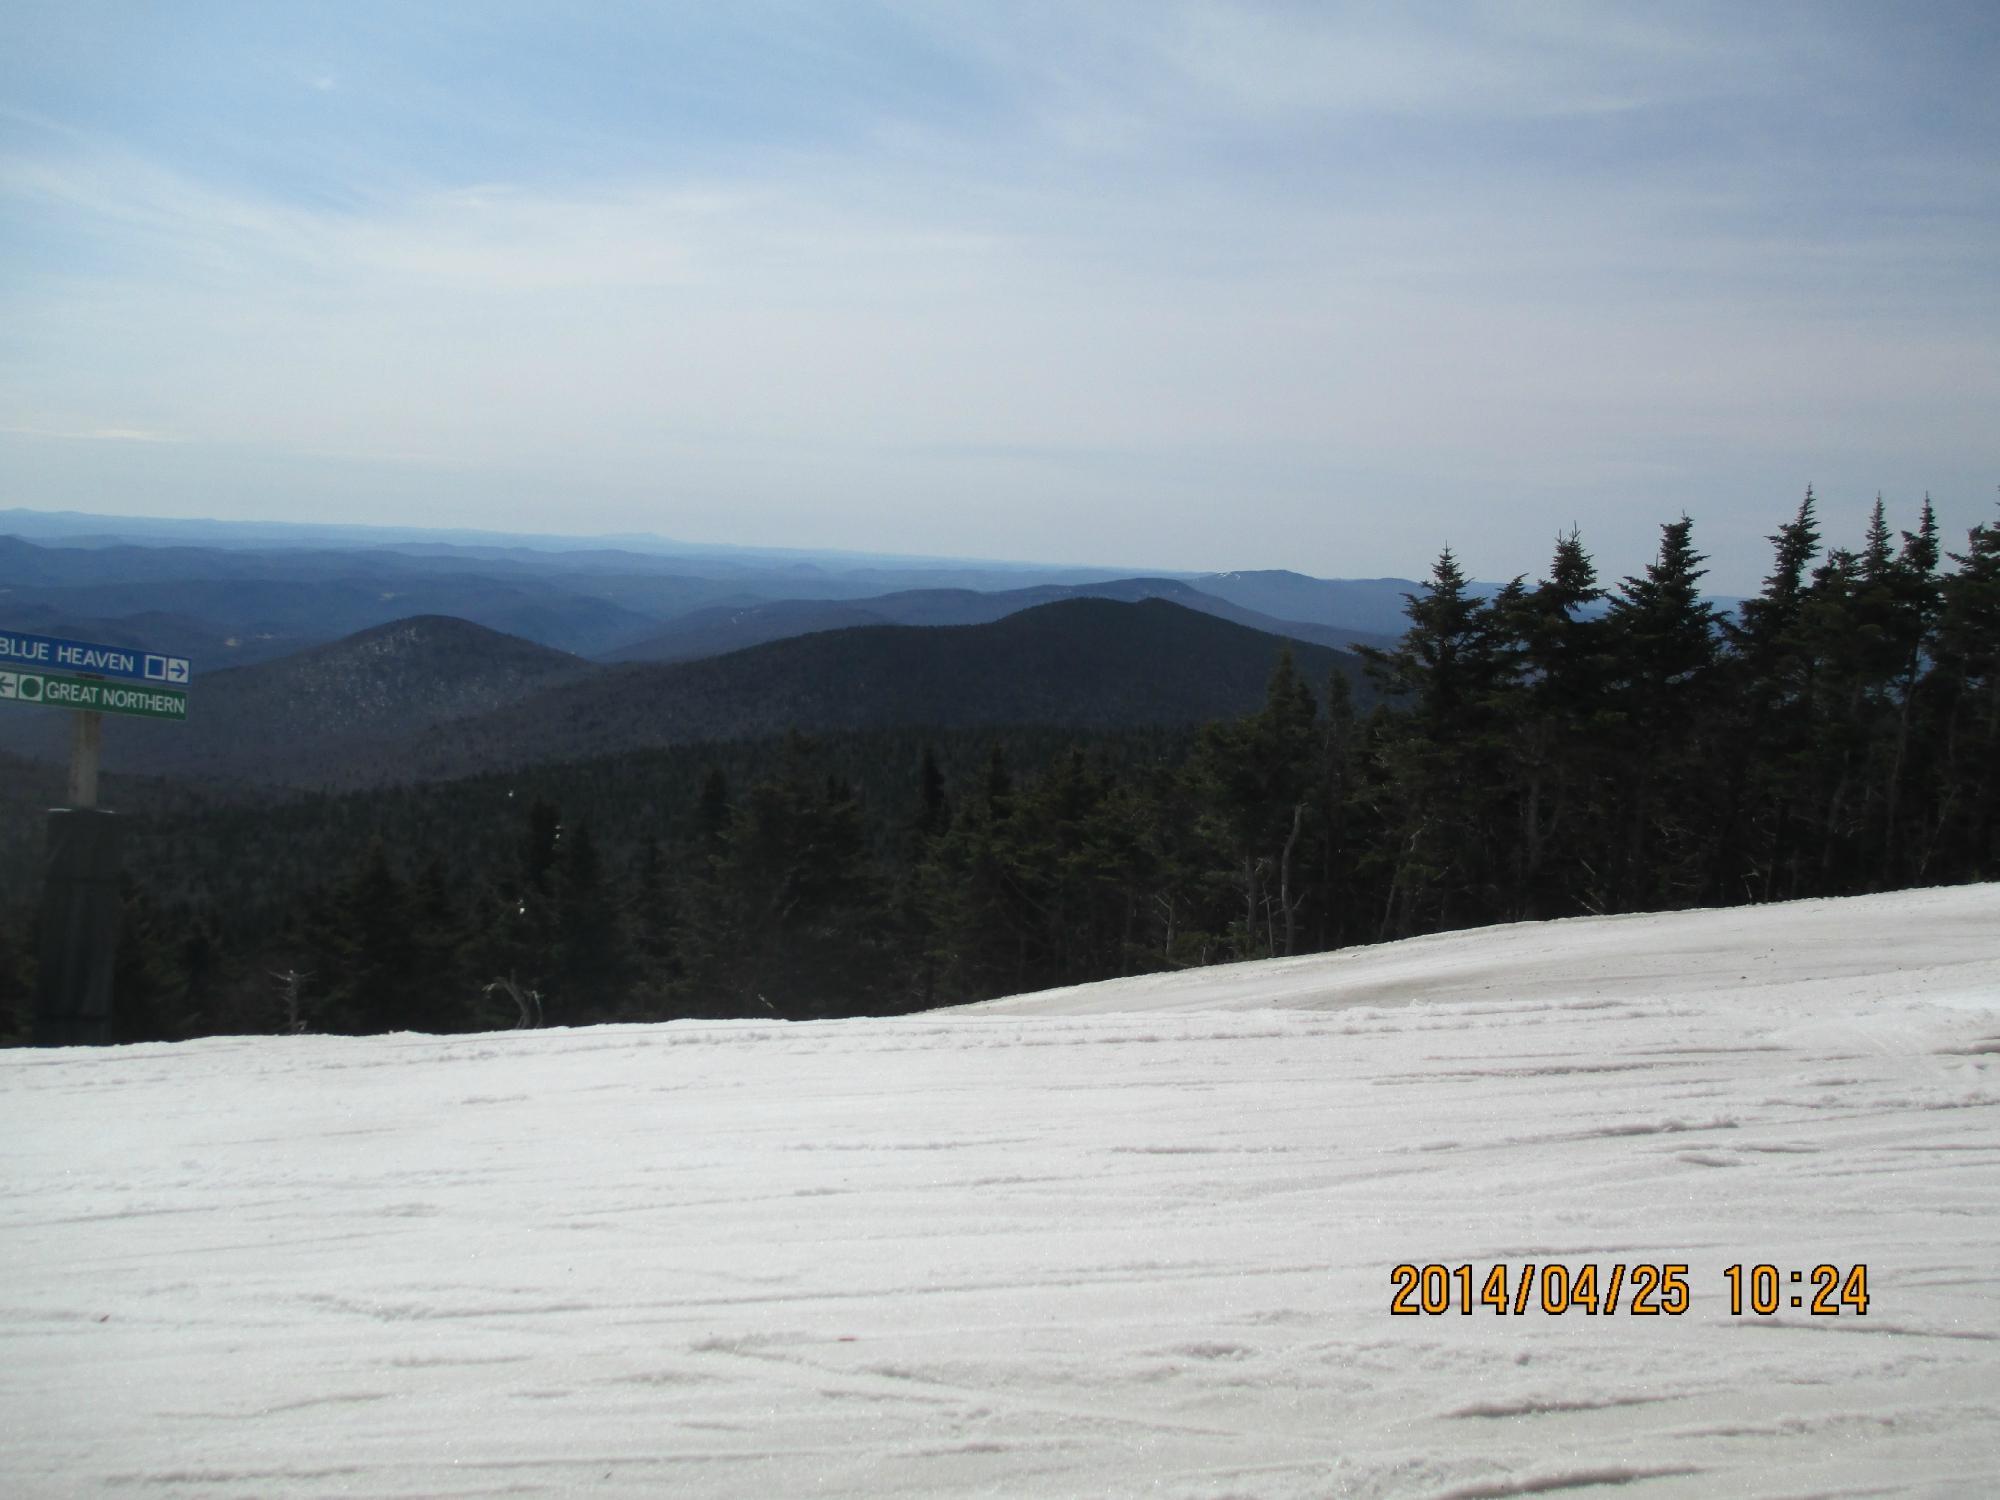 Killington Peak view looking northeast